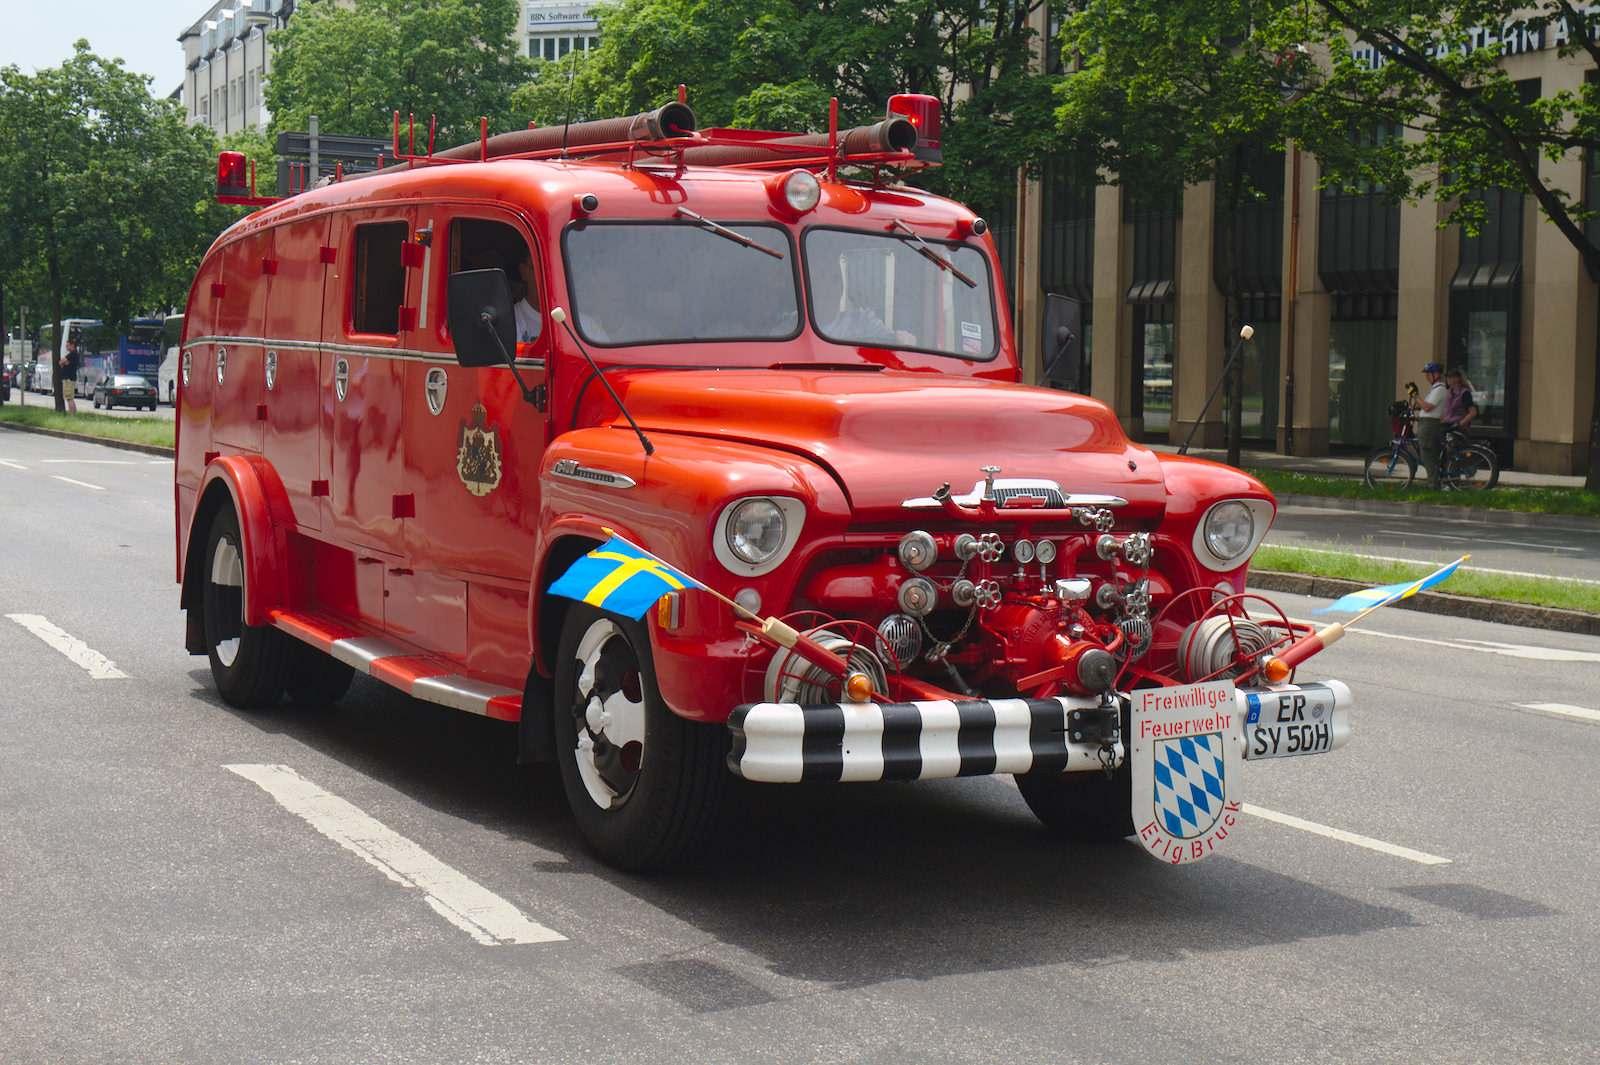 volunteer fire department13 150 Years Volunteer Fire Department in Munich